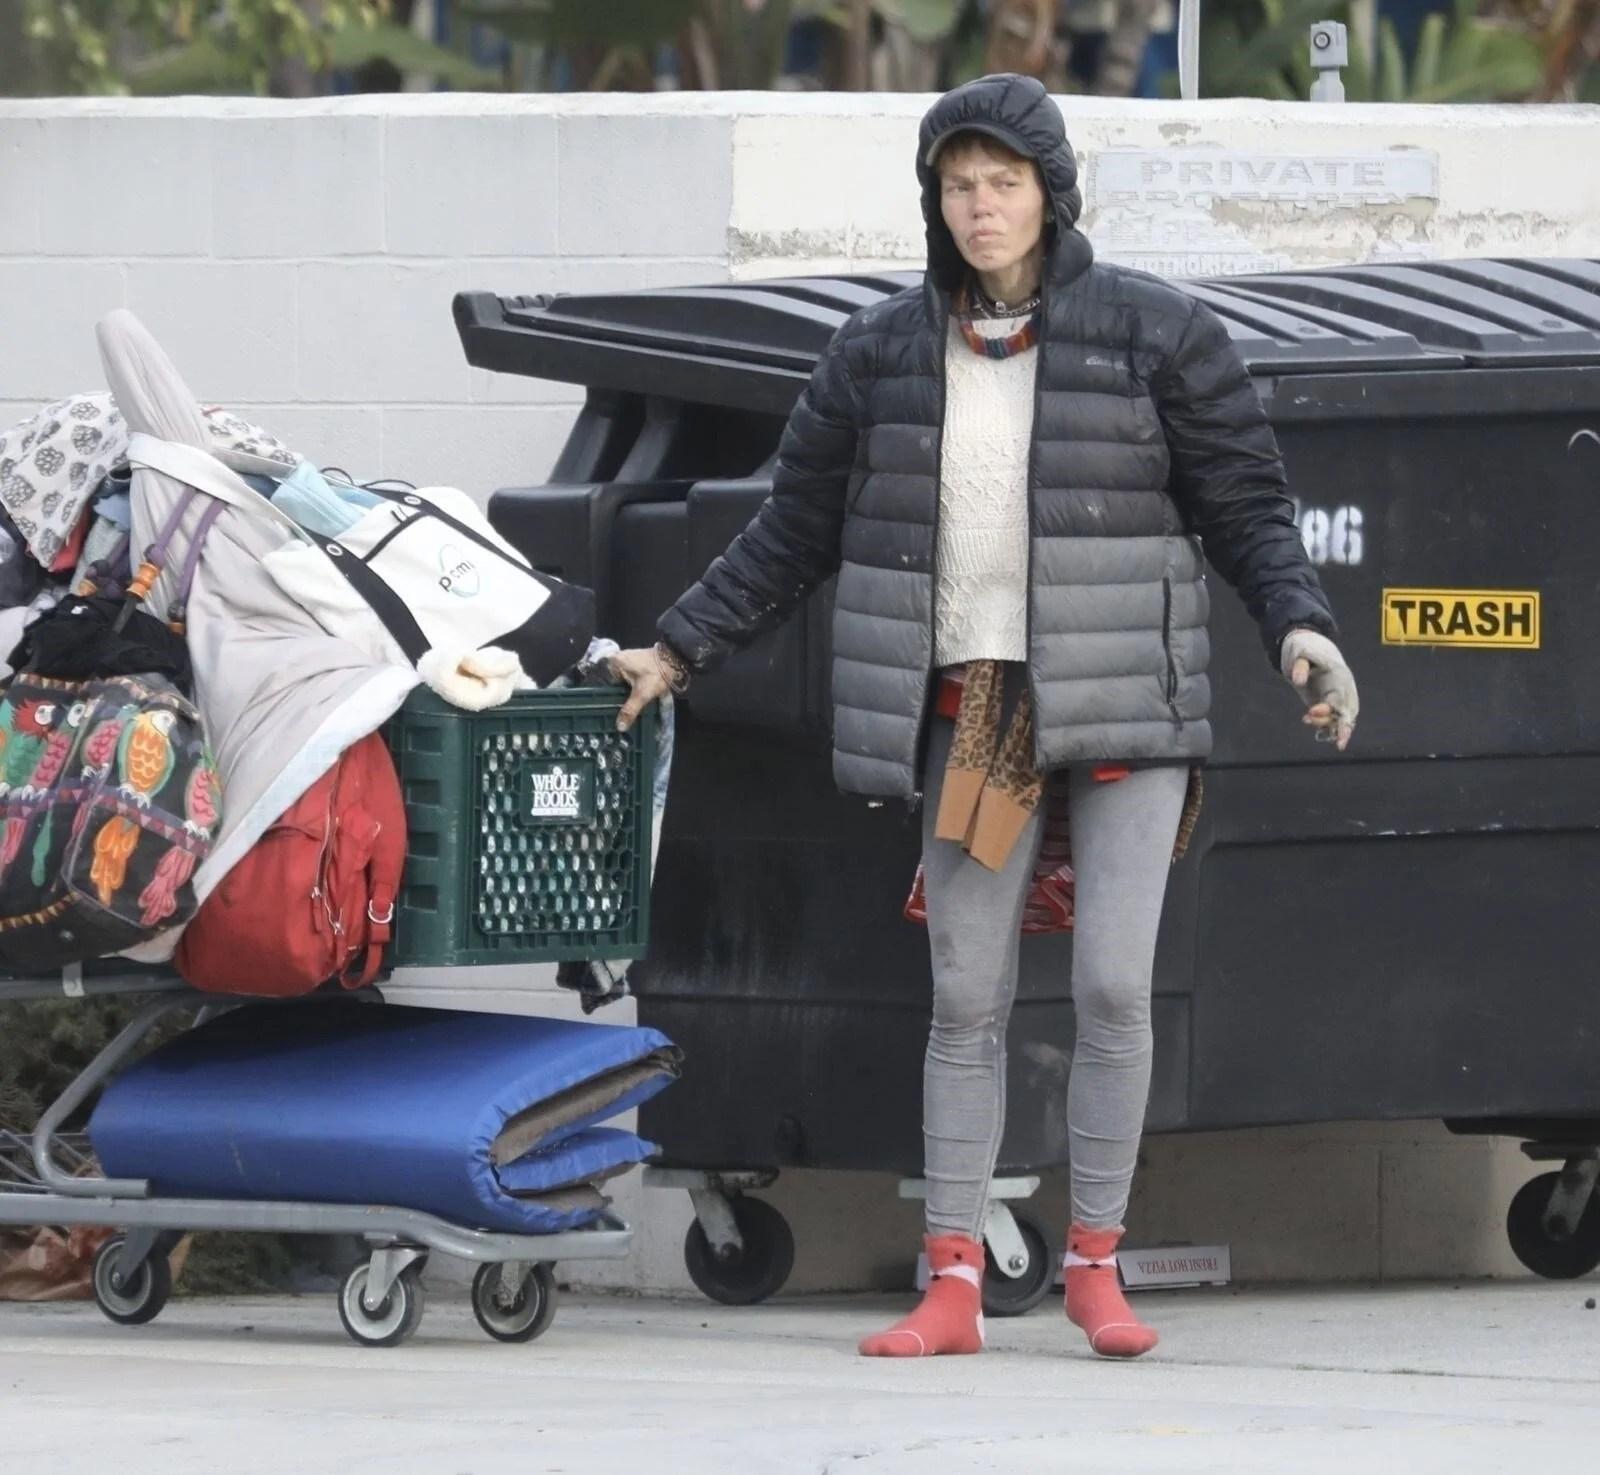 Loni Willison yine çöpleri karıştırırken görüntülendi - 6